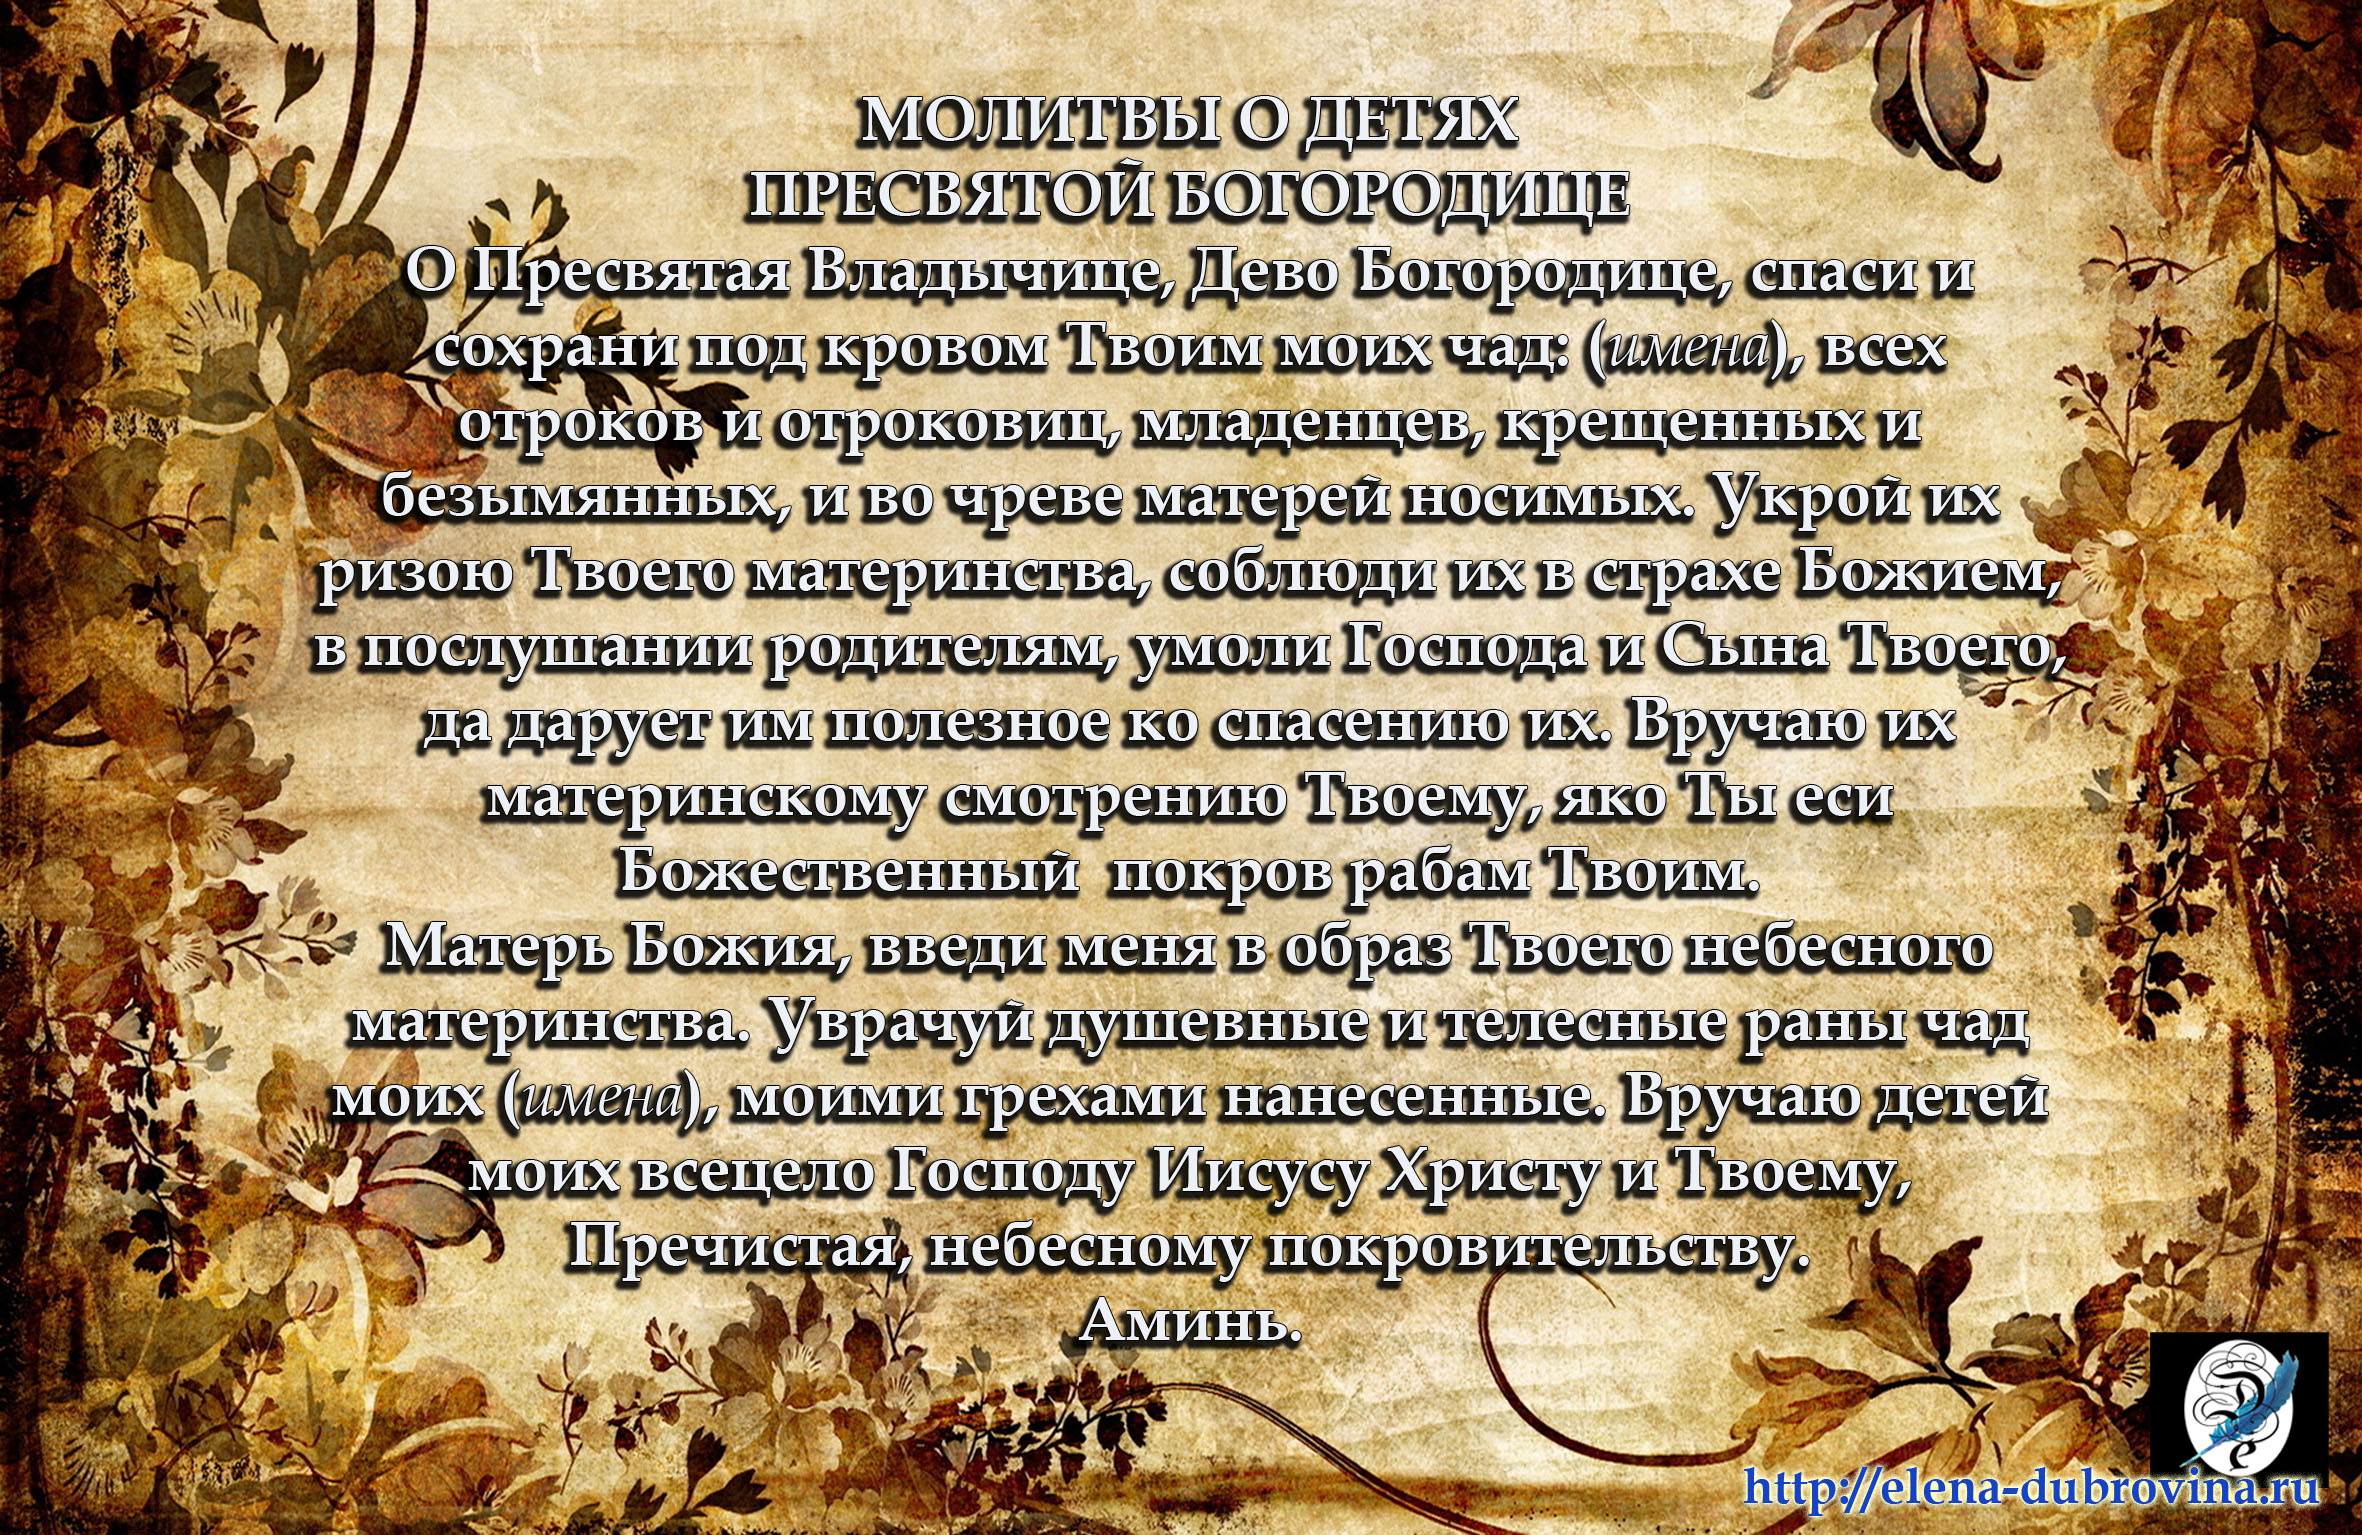 молитва Богородице о детях - статья Елены Дубровиной, http://elena-dubrovina.ru/ рубрика «Колики»